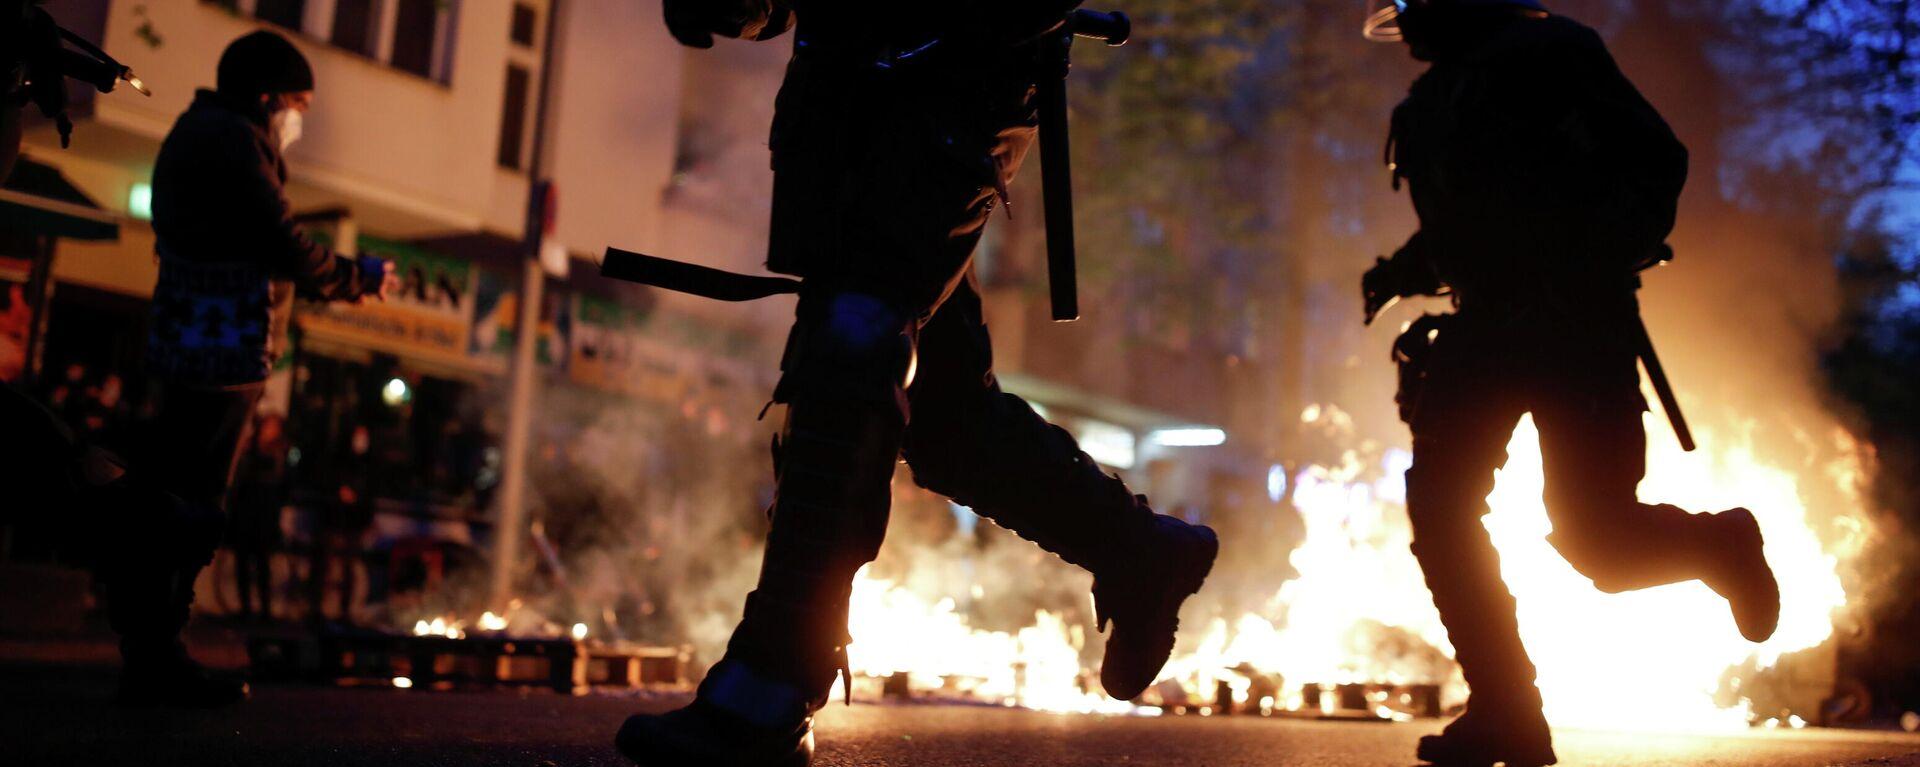 Demo am Ersten Mai in Berlin 2021 - Polizisten im Einsatz.  - SNA, 1920, 02.05.2021